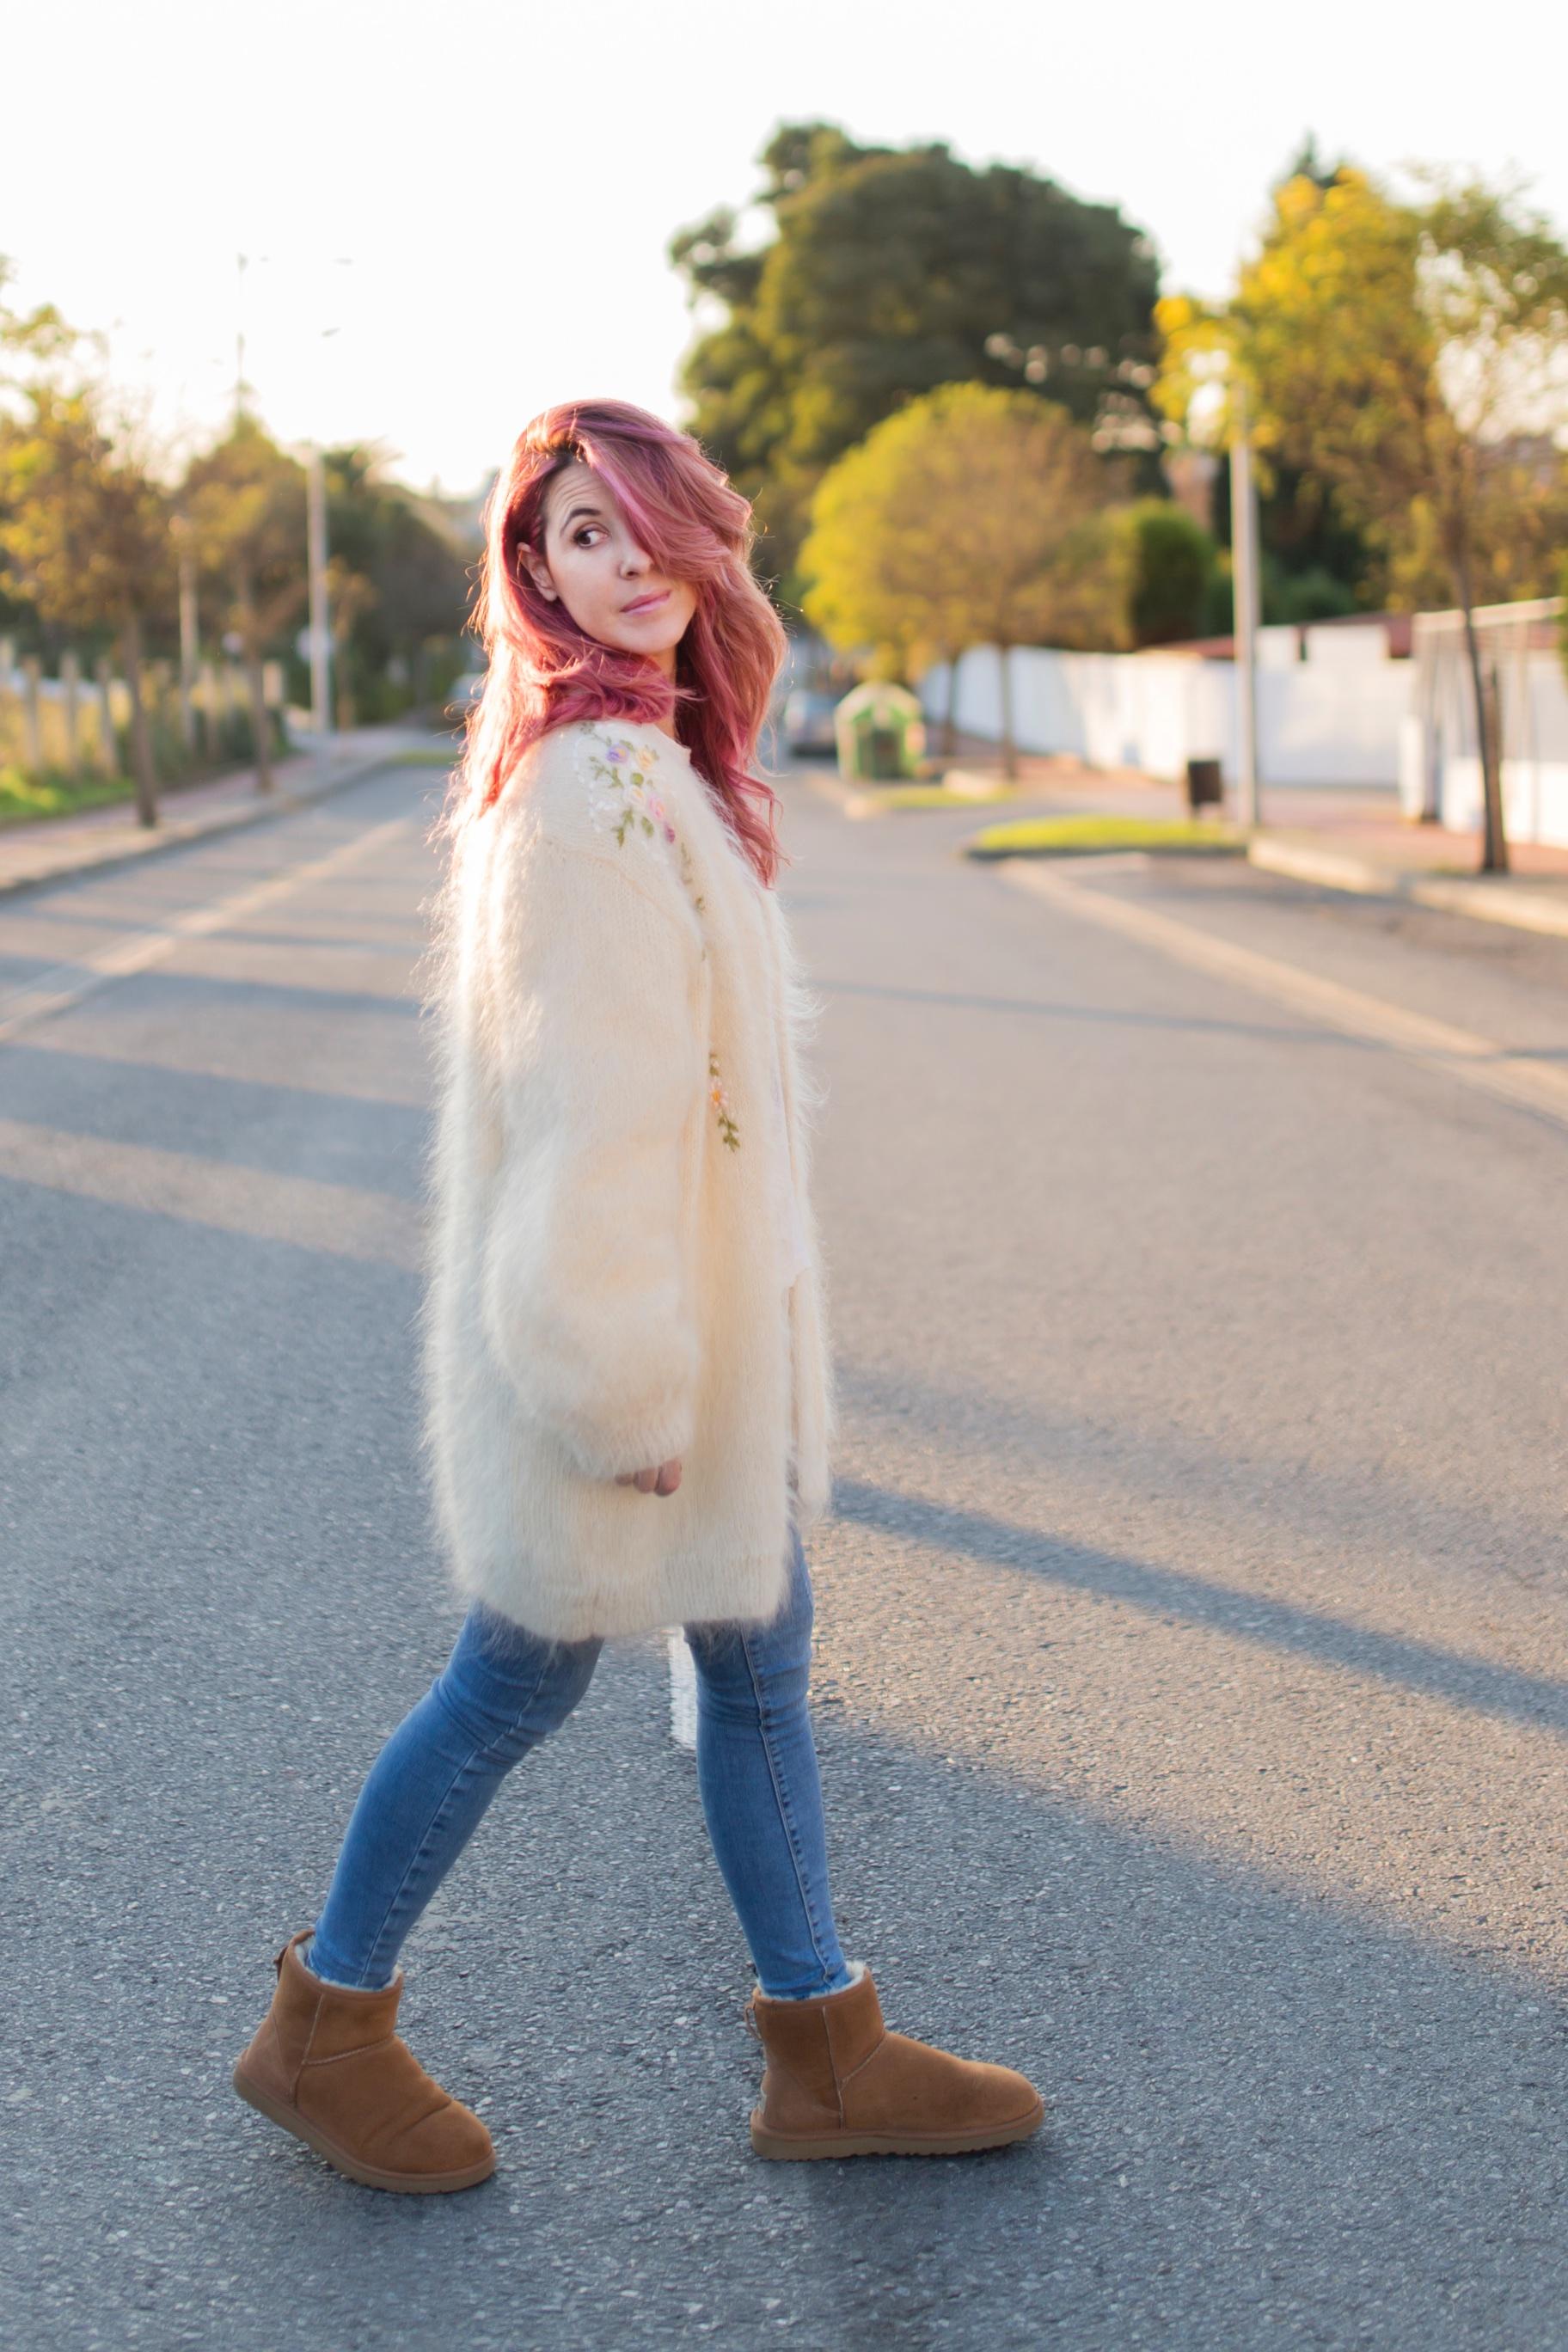 blogger-alba-coruña-mohair-vitagecoffee-pink hair-ugg-moda-descalzaporelparque-descalza-look